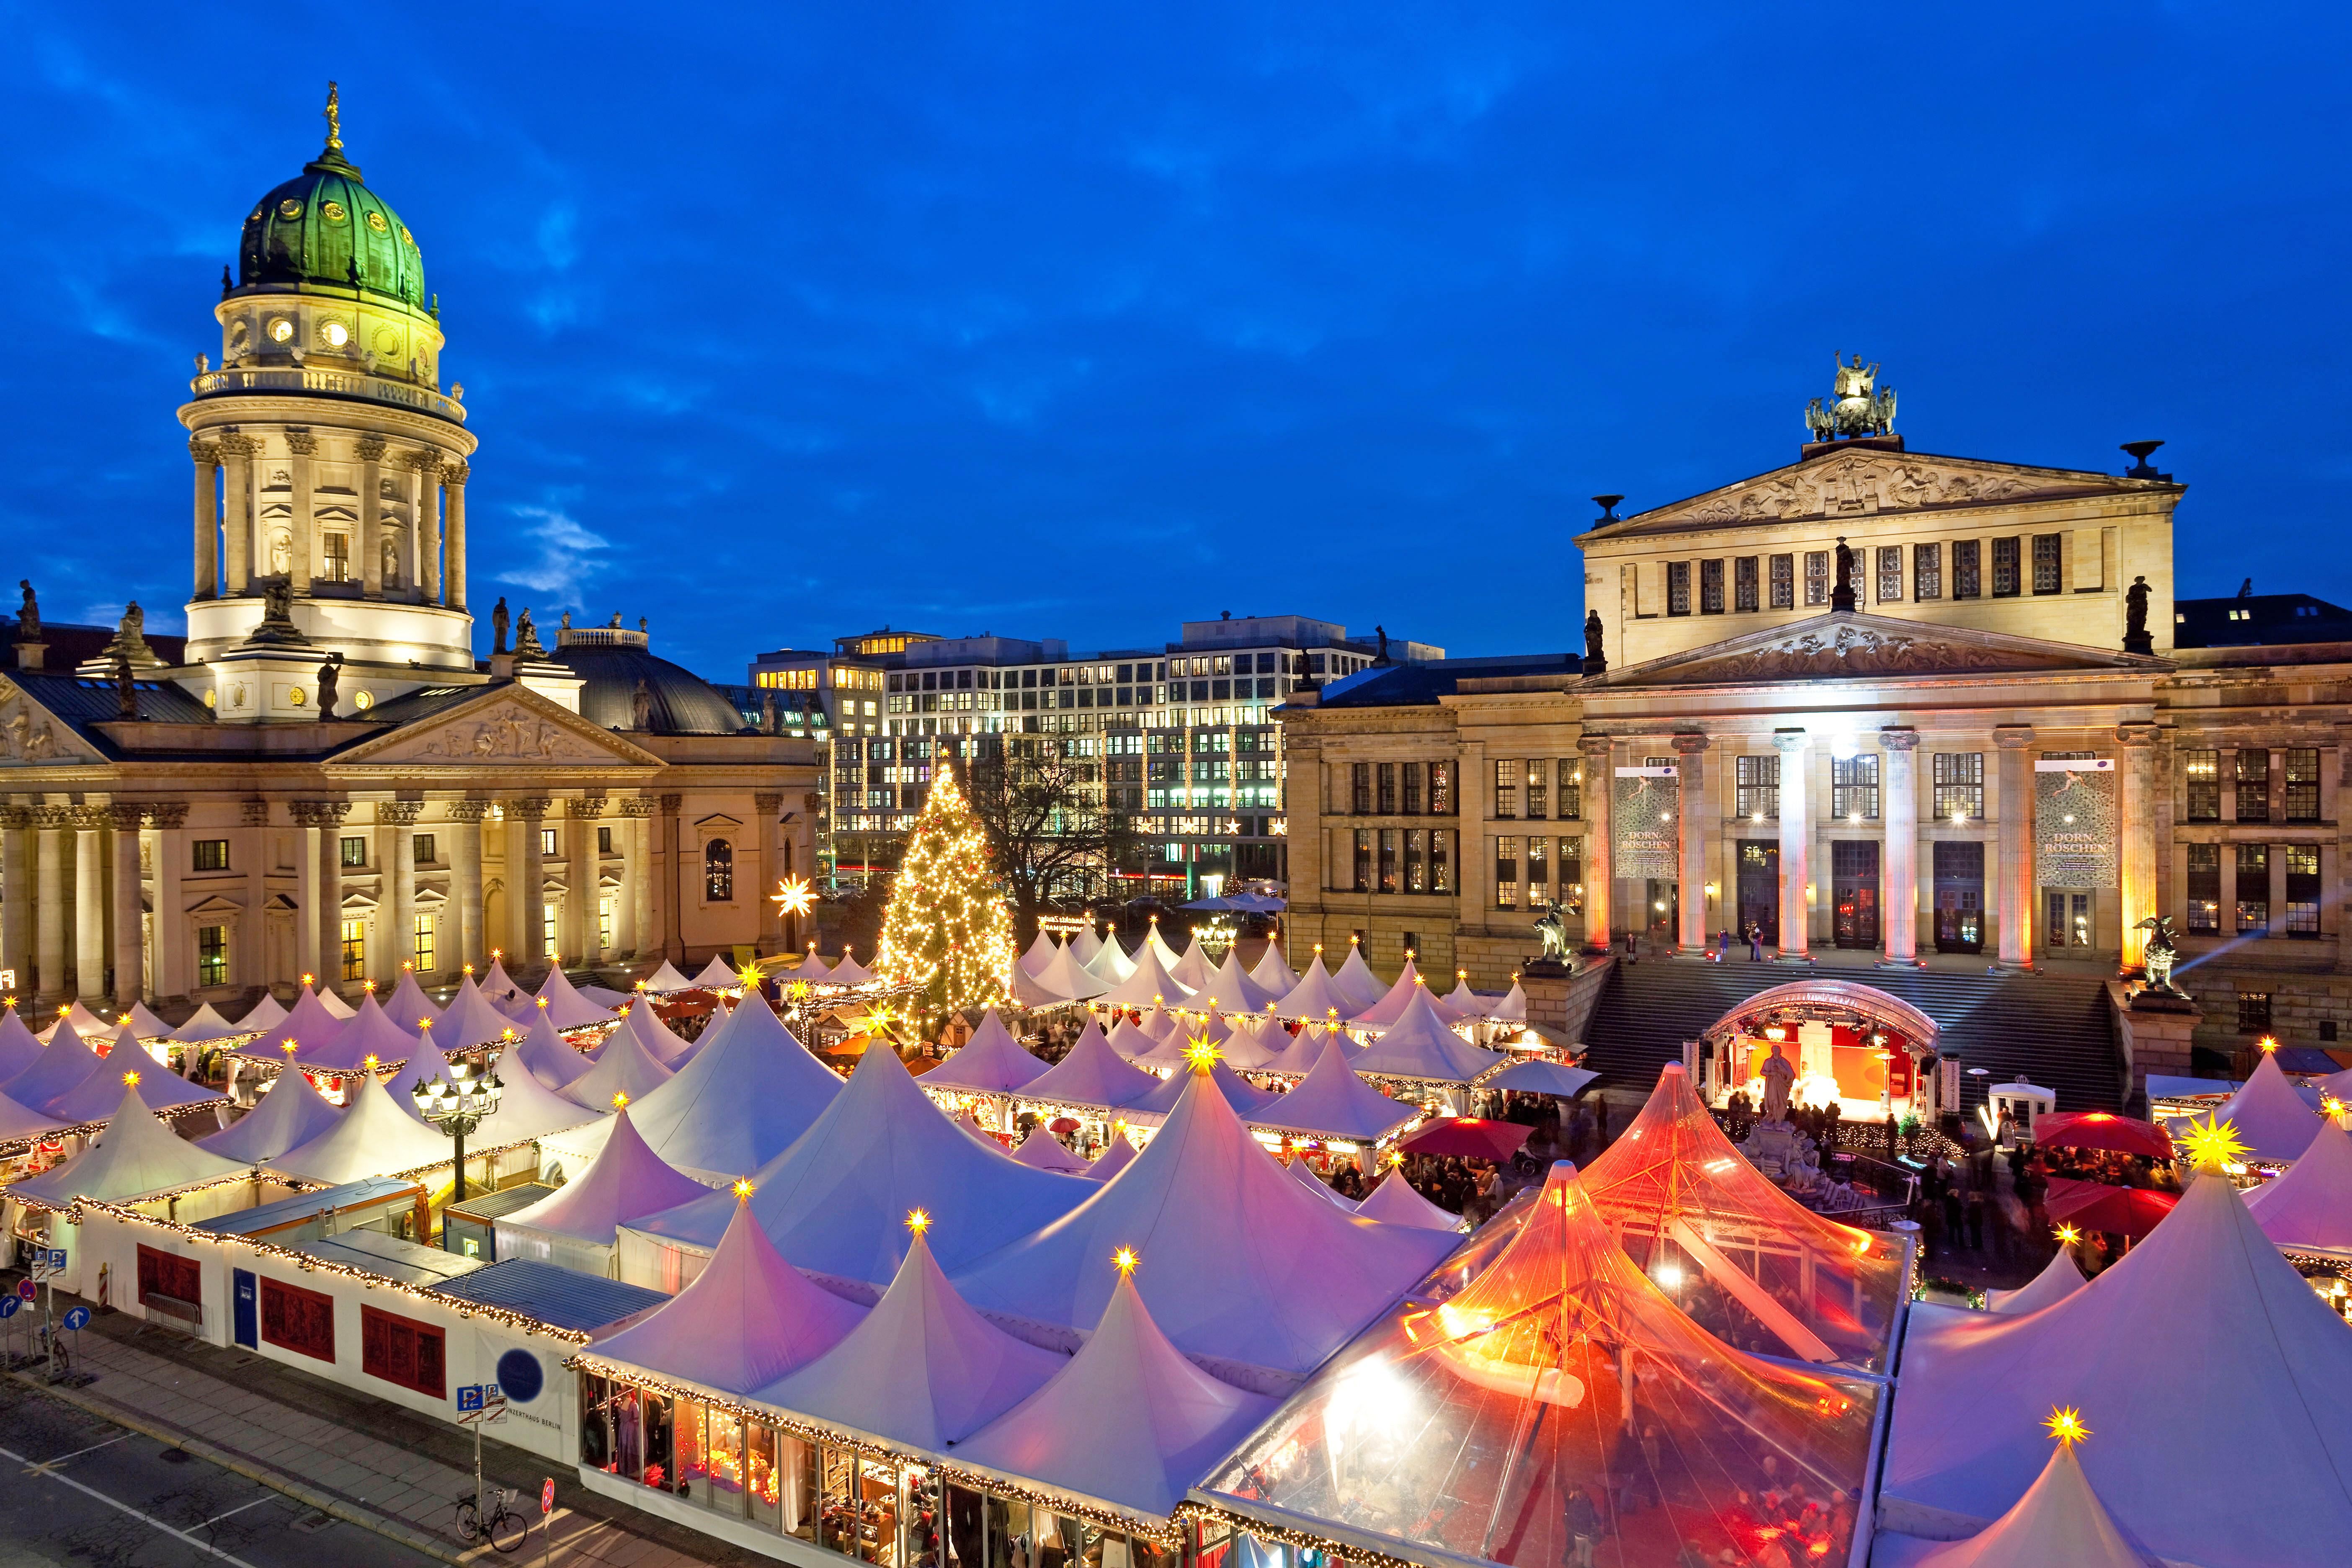 Traditional Christmas Market at Gendarmenmarkt, illuminated at dusk, Berlin, Germany, Europe